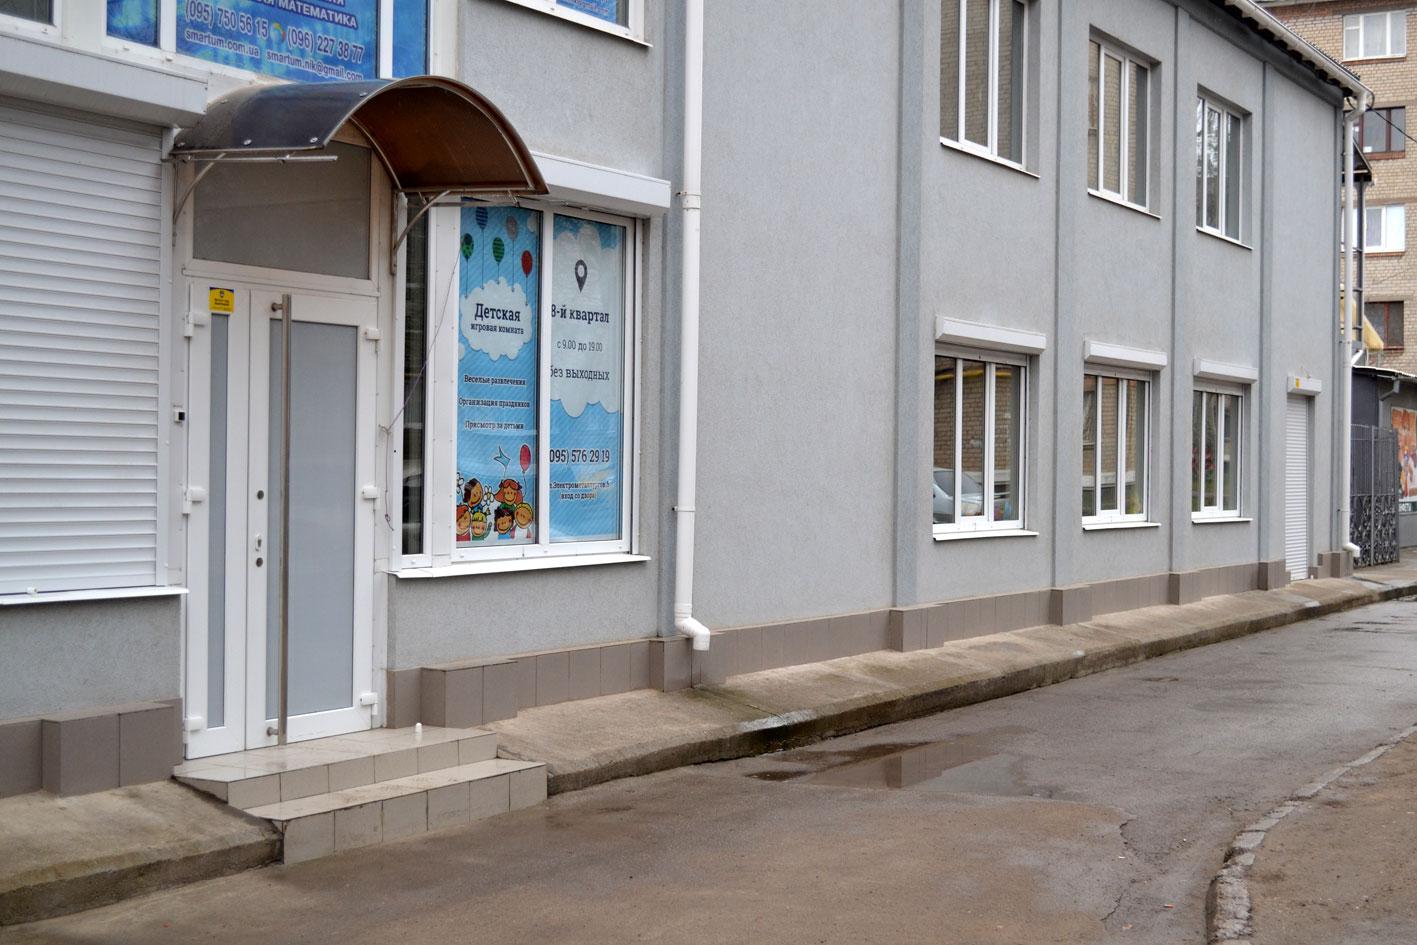 Ladushki_fasad